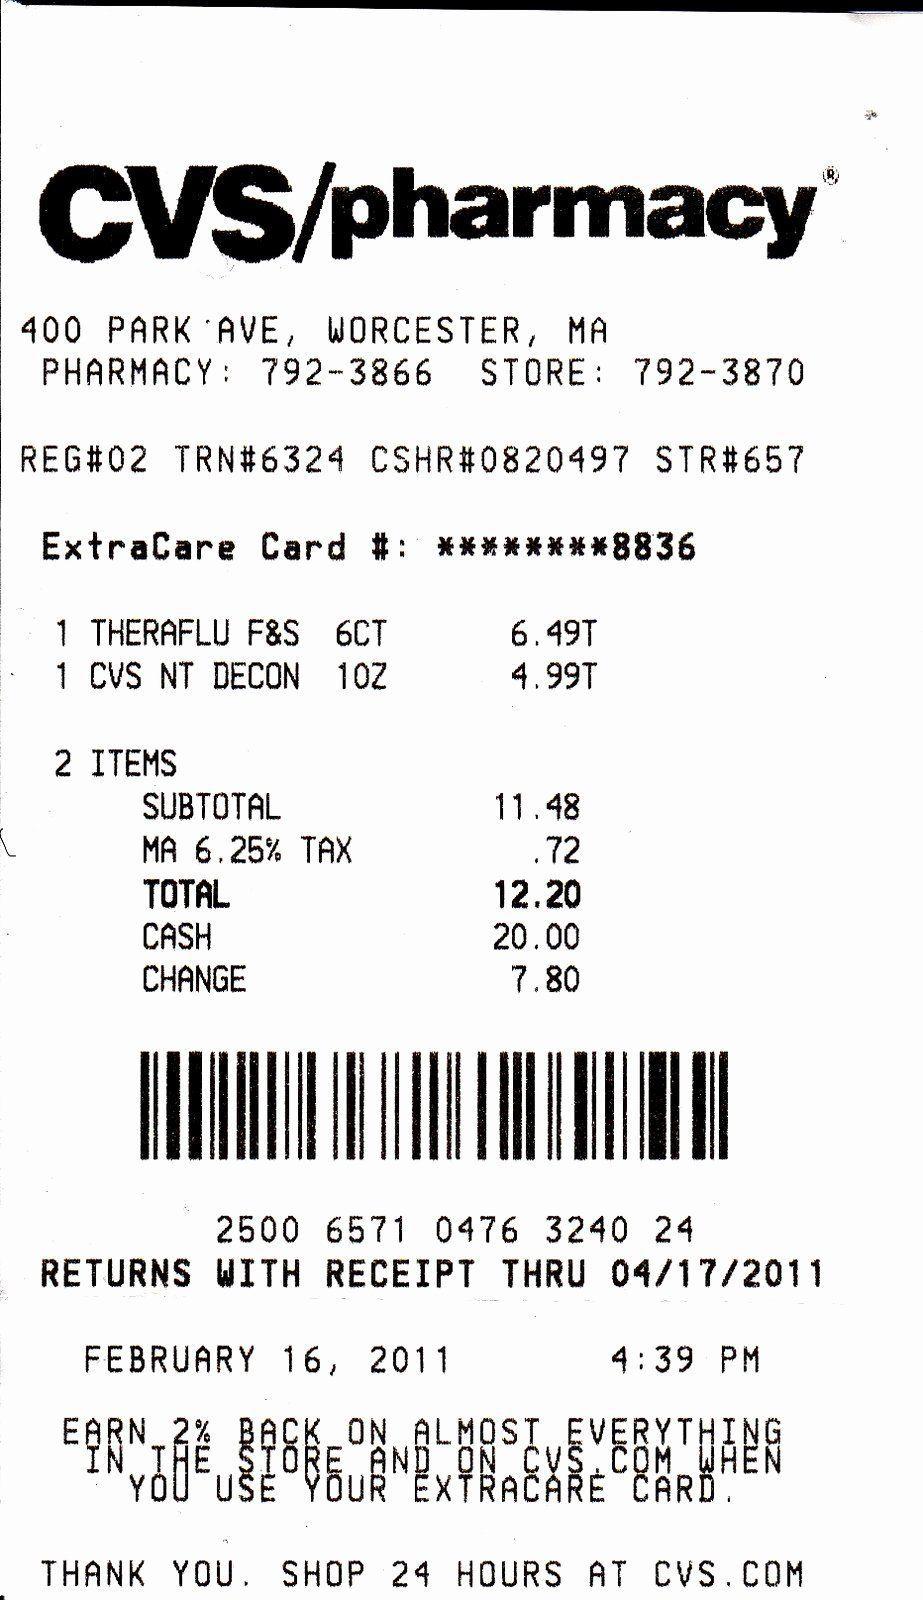 002 Fearsome Fake Prescription Bottle Label Template Picture Full